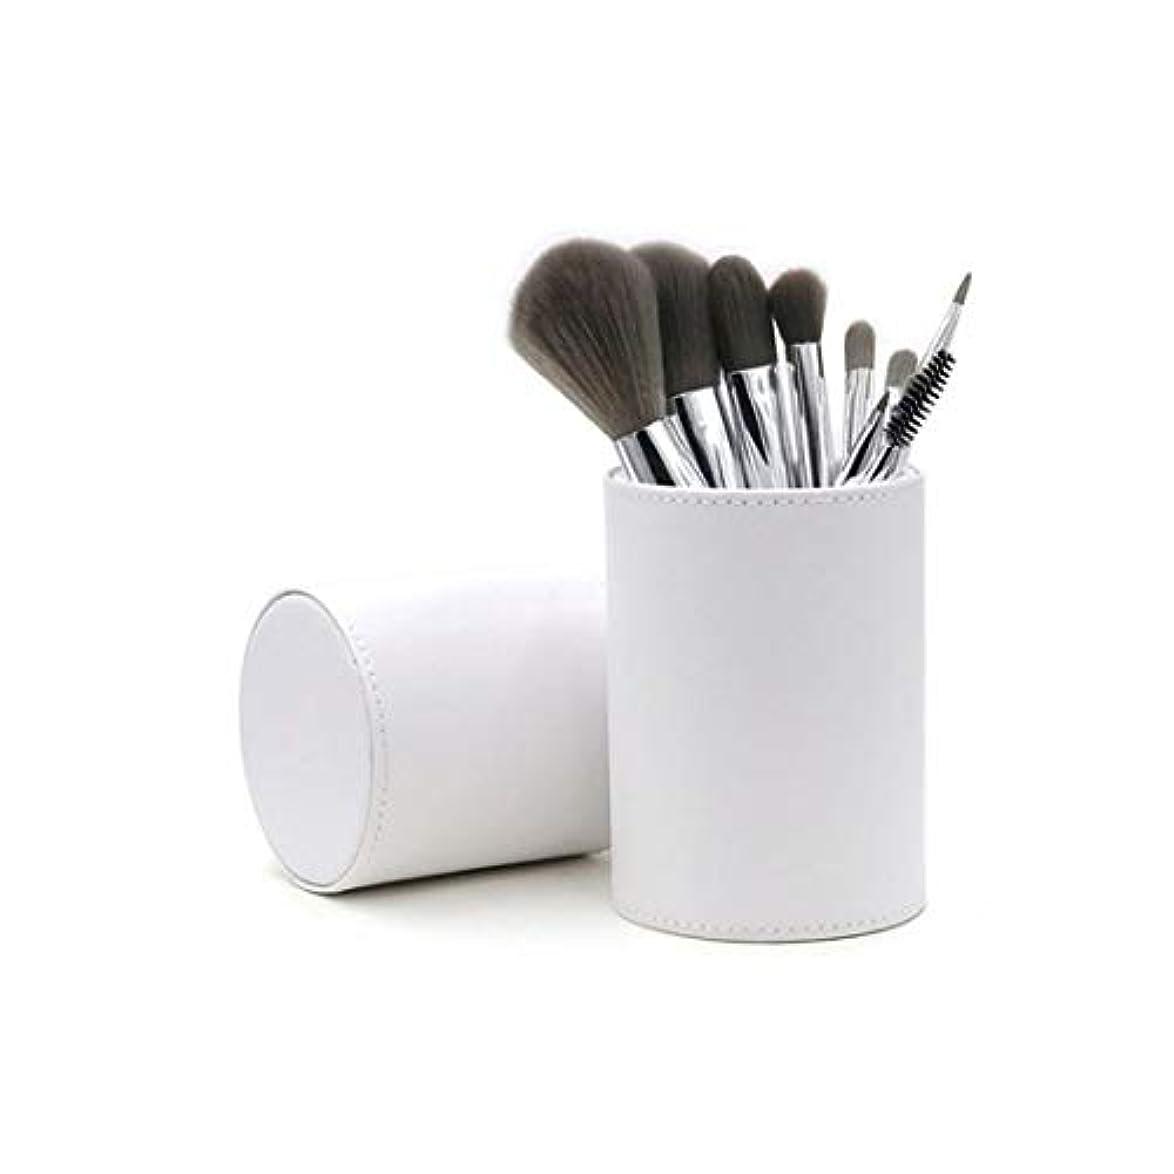 ゆるい置き場平和辽阳世纪电子产品贸易中心 竹炭繊維10メイクアップブラシセット化粧ブラシブラシセット (色 : 10-Piece)